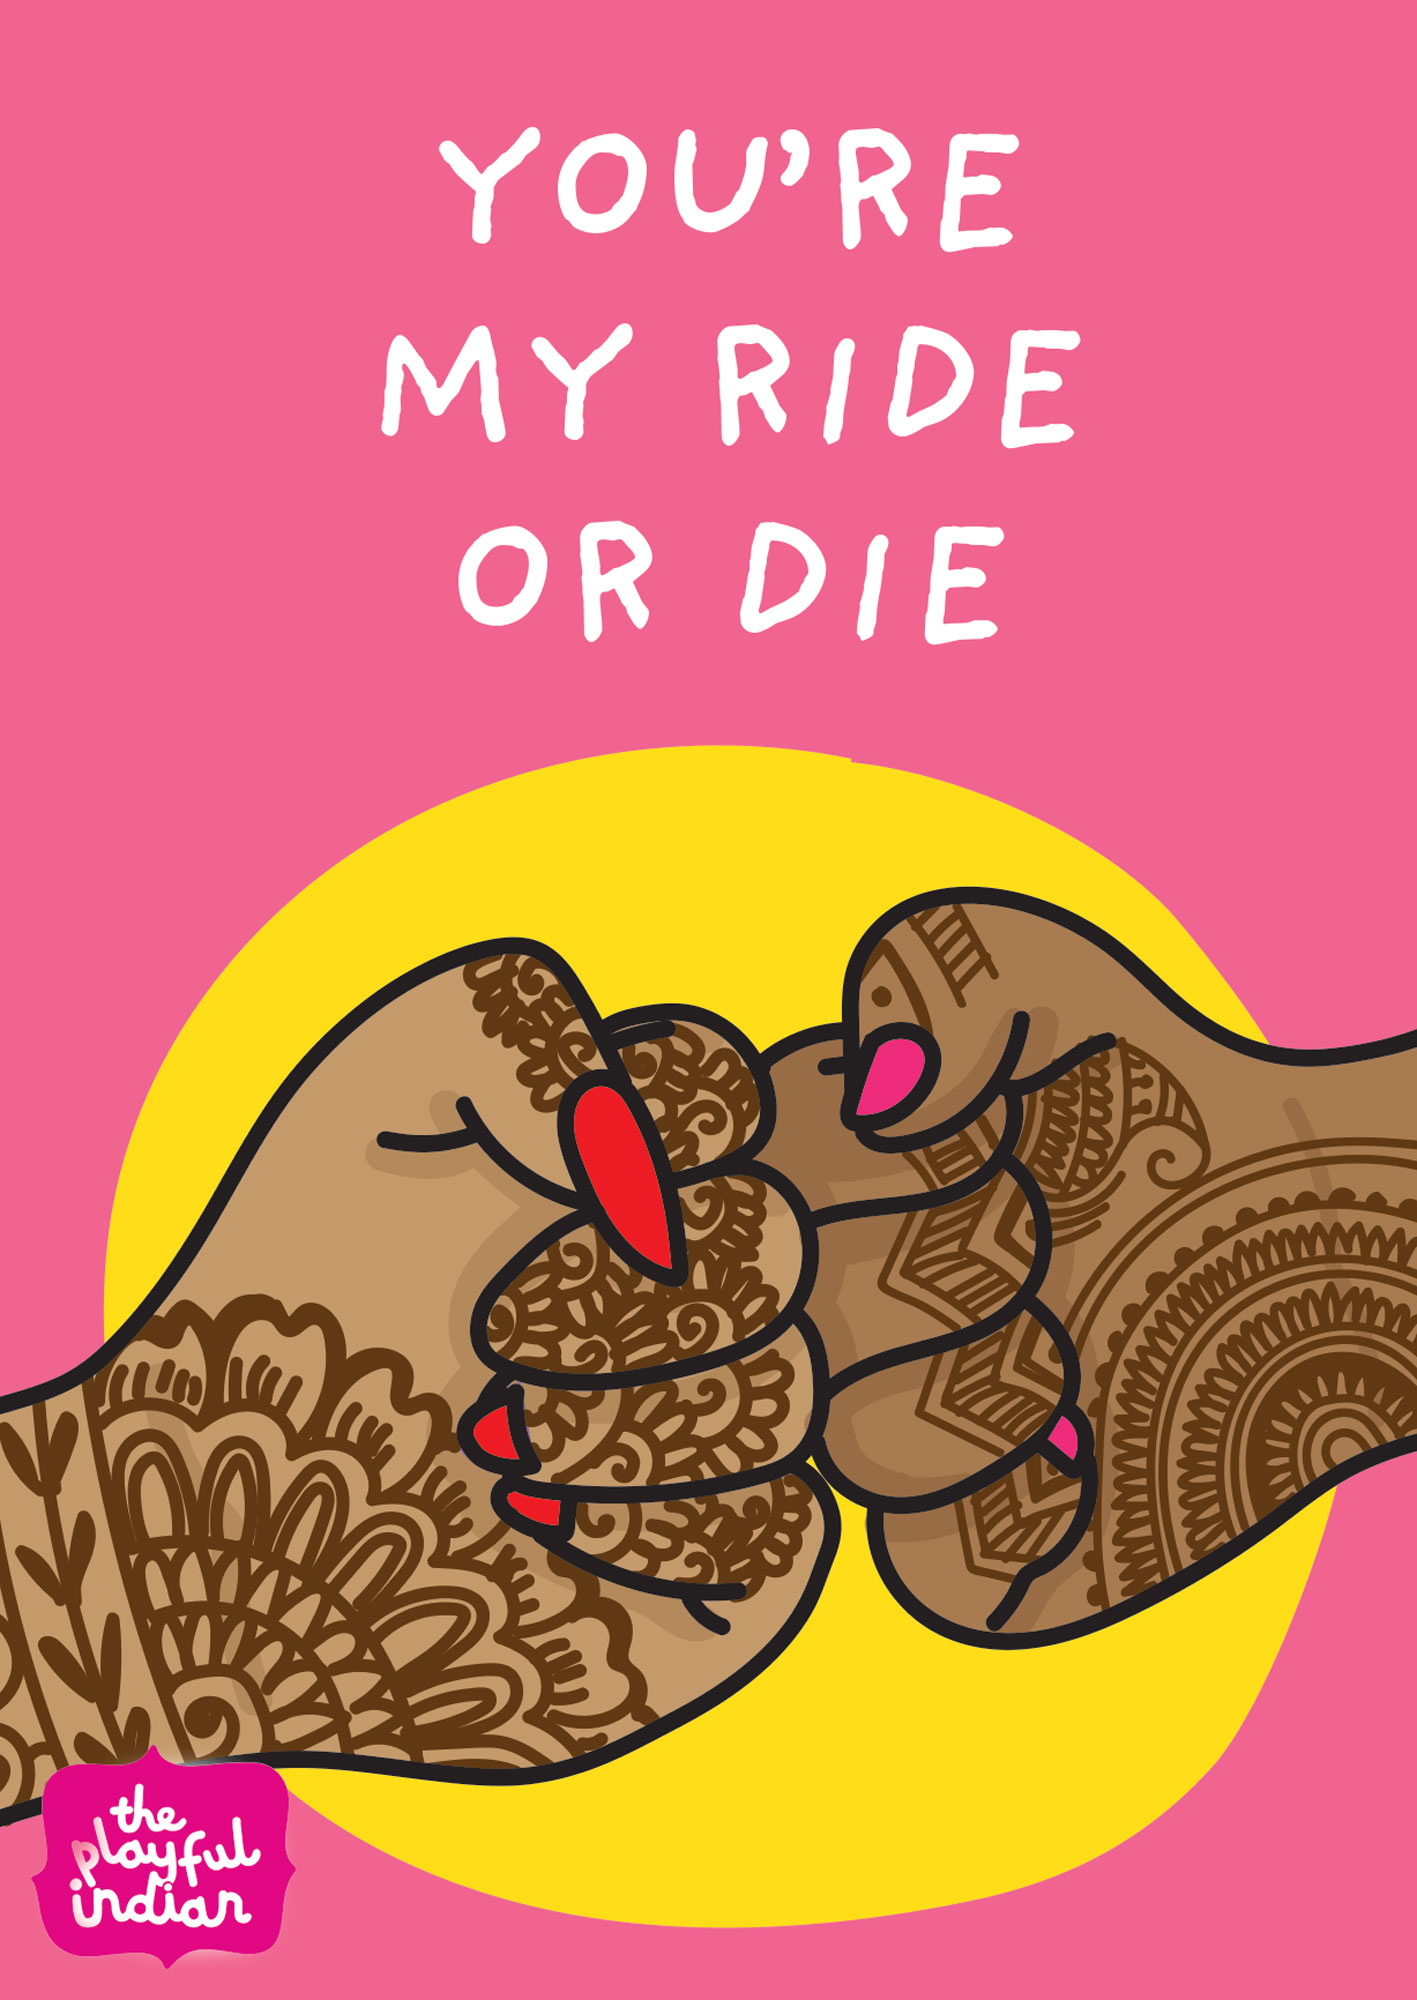 you're my ride or die